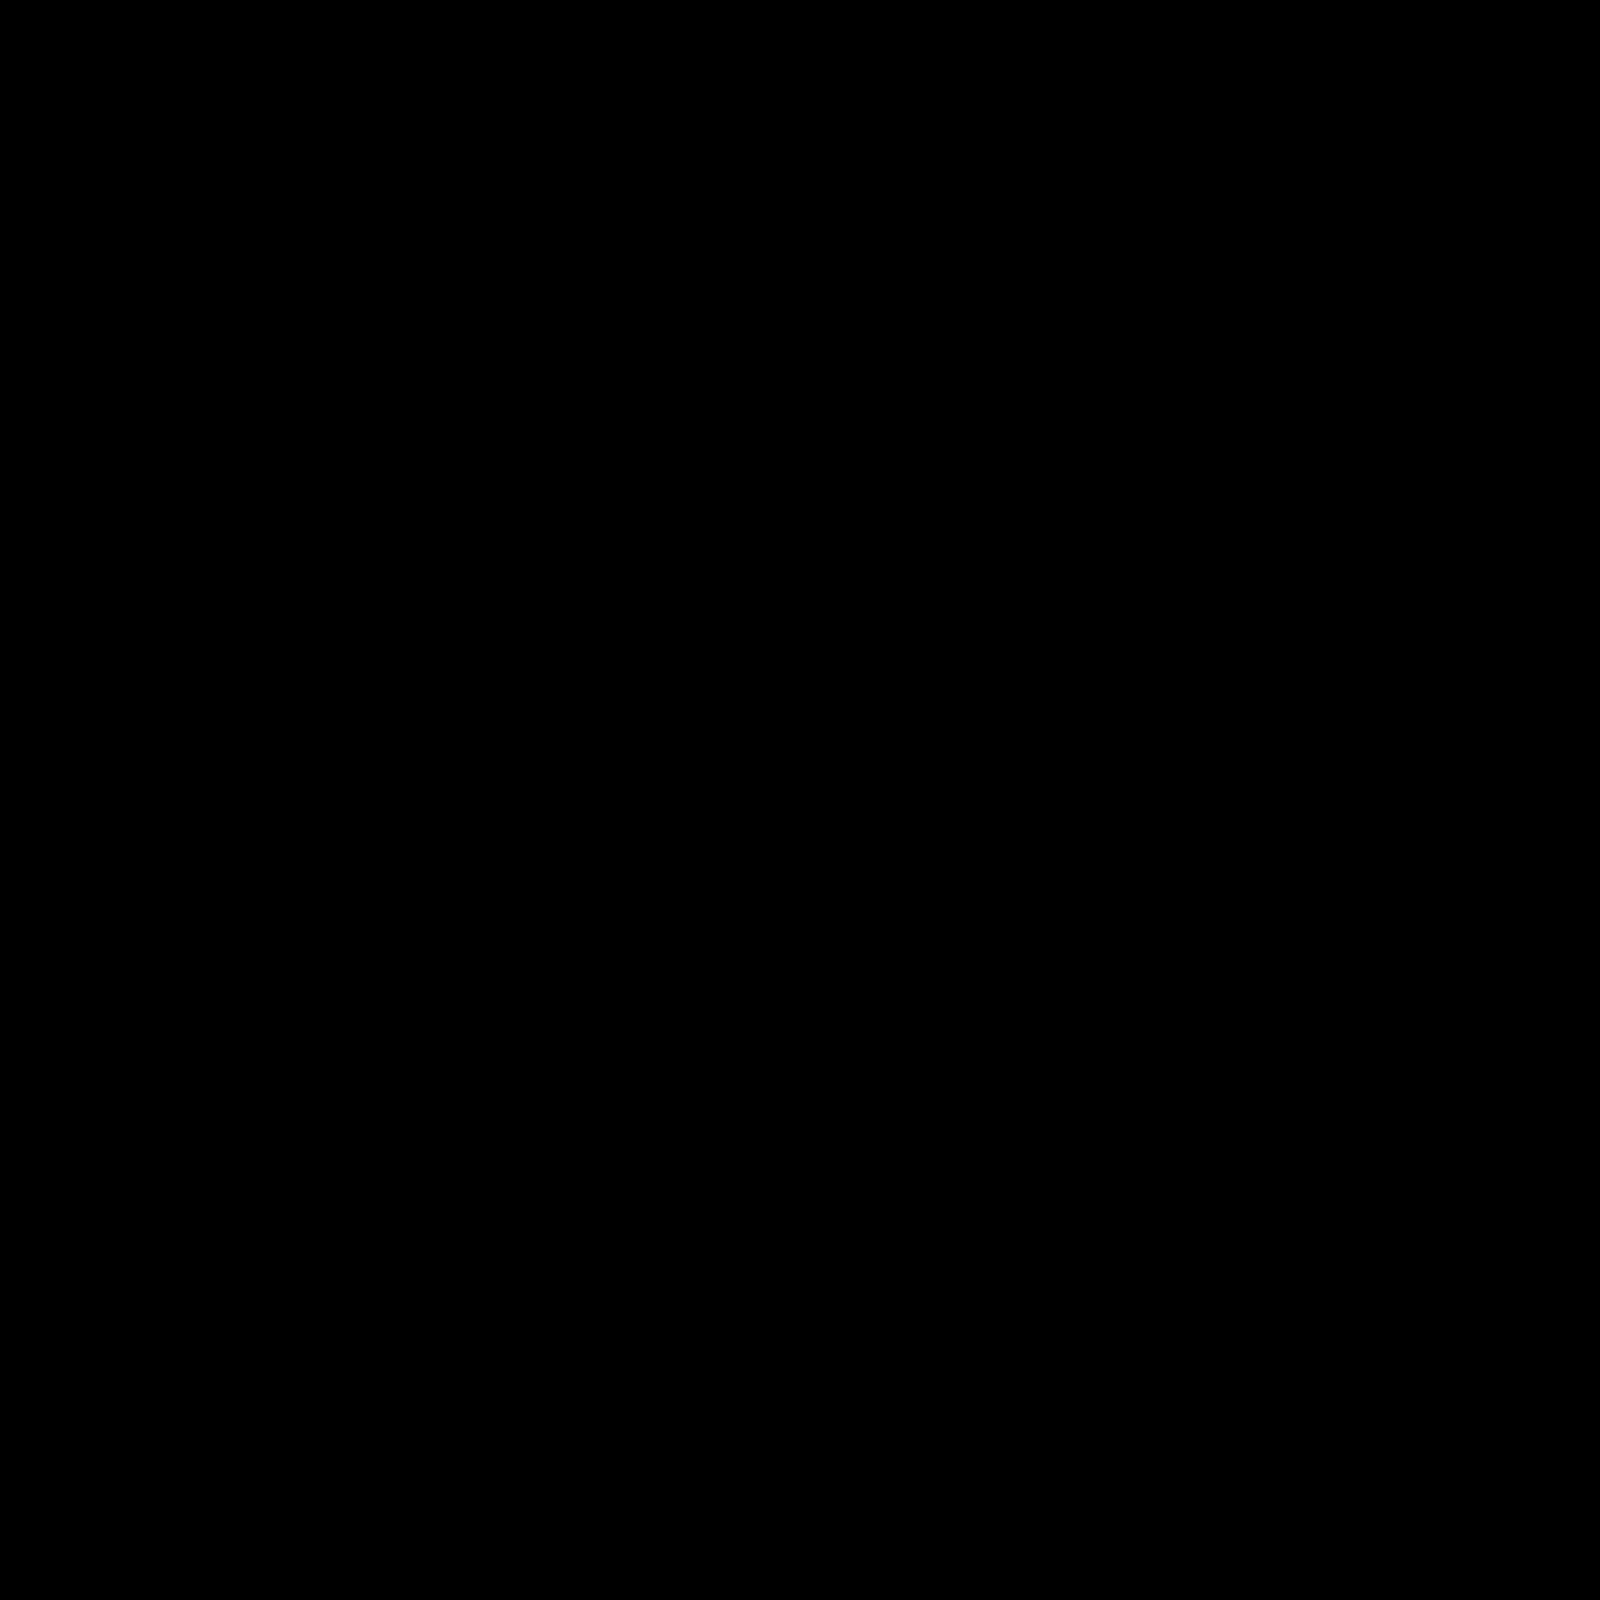 Muszka - Połowa icon